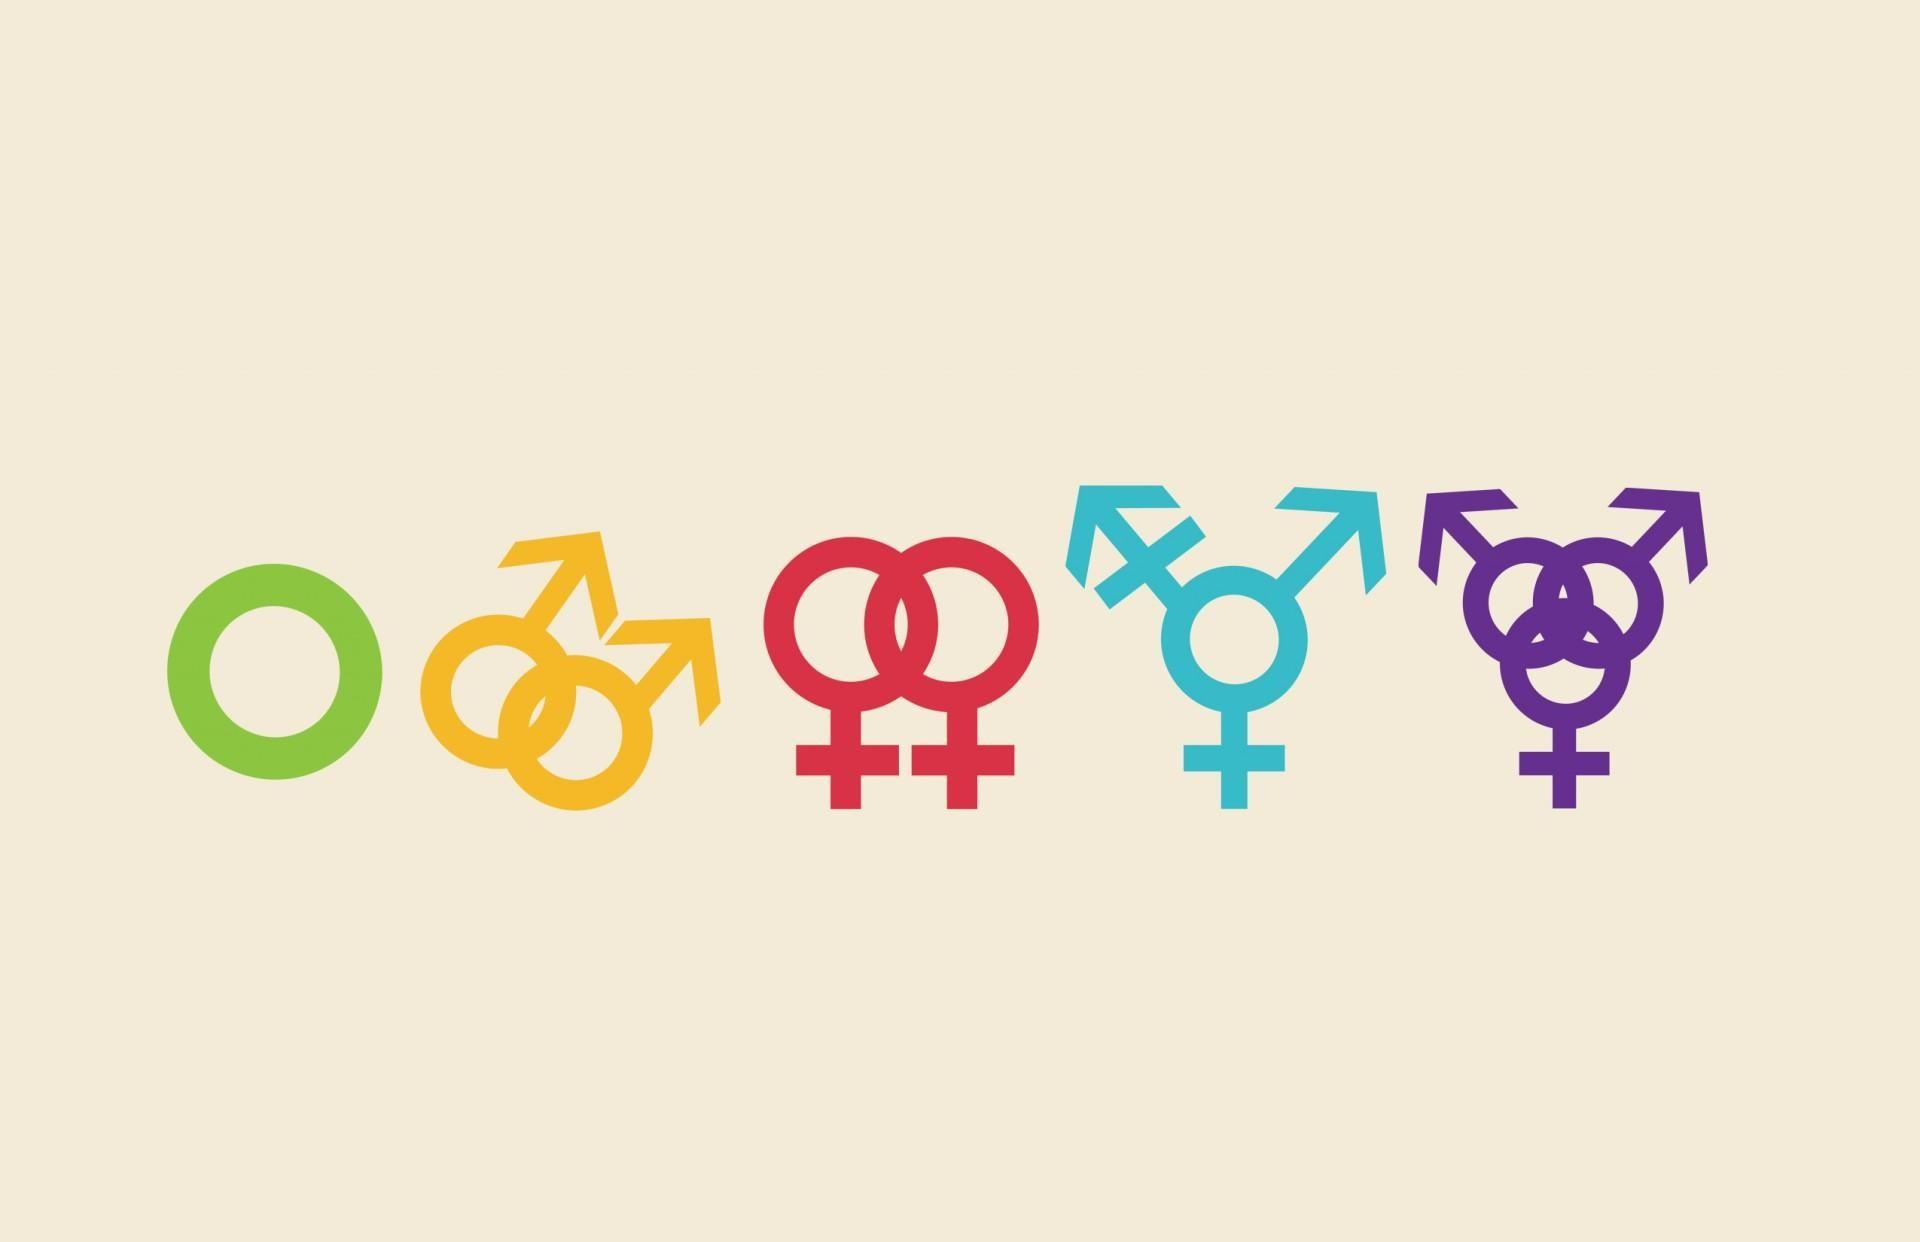 Formação continuada em Educação em Sexualidade: superando dificuldades e aprimorando a prática docente – Alison Alves Ortega (UFABC), Meiri Aparecida Gurgel de Campos Miranda (UFABC)